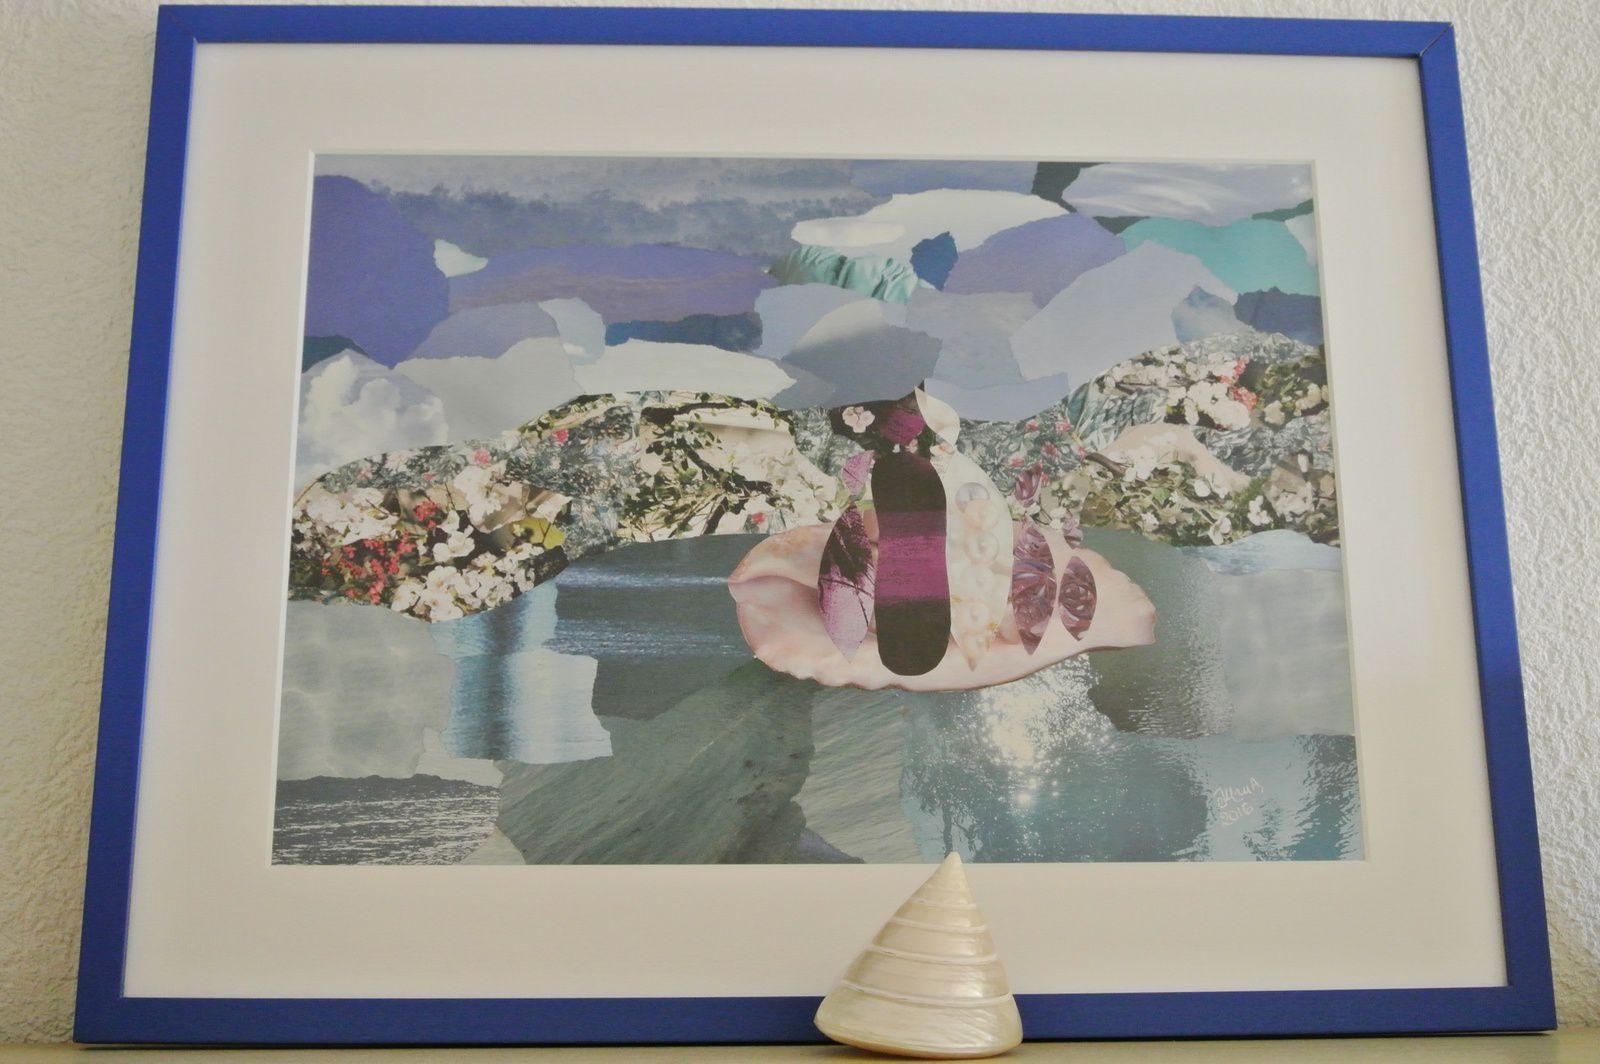 """Les Collages d'eMmA MessanA, collage encadré """"Le chemin de nacre"""", pièce unique © eMmA MessanA"""